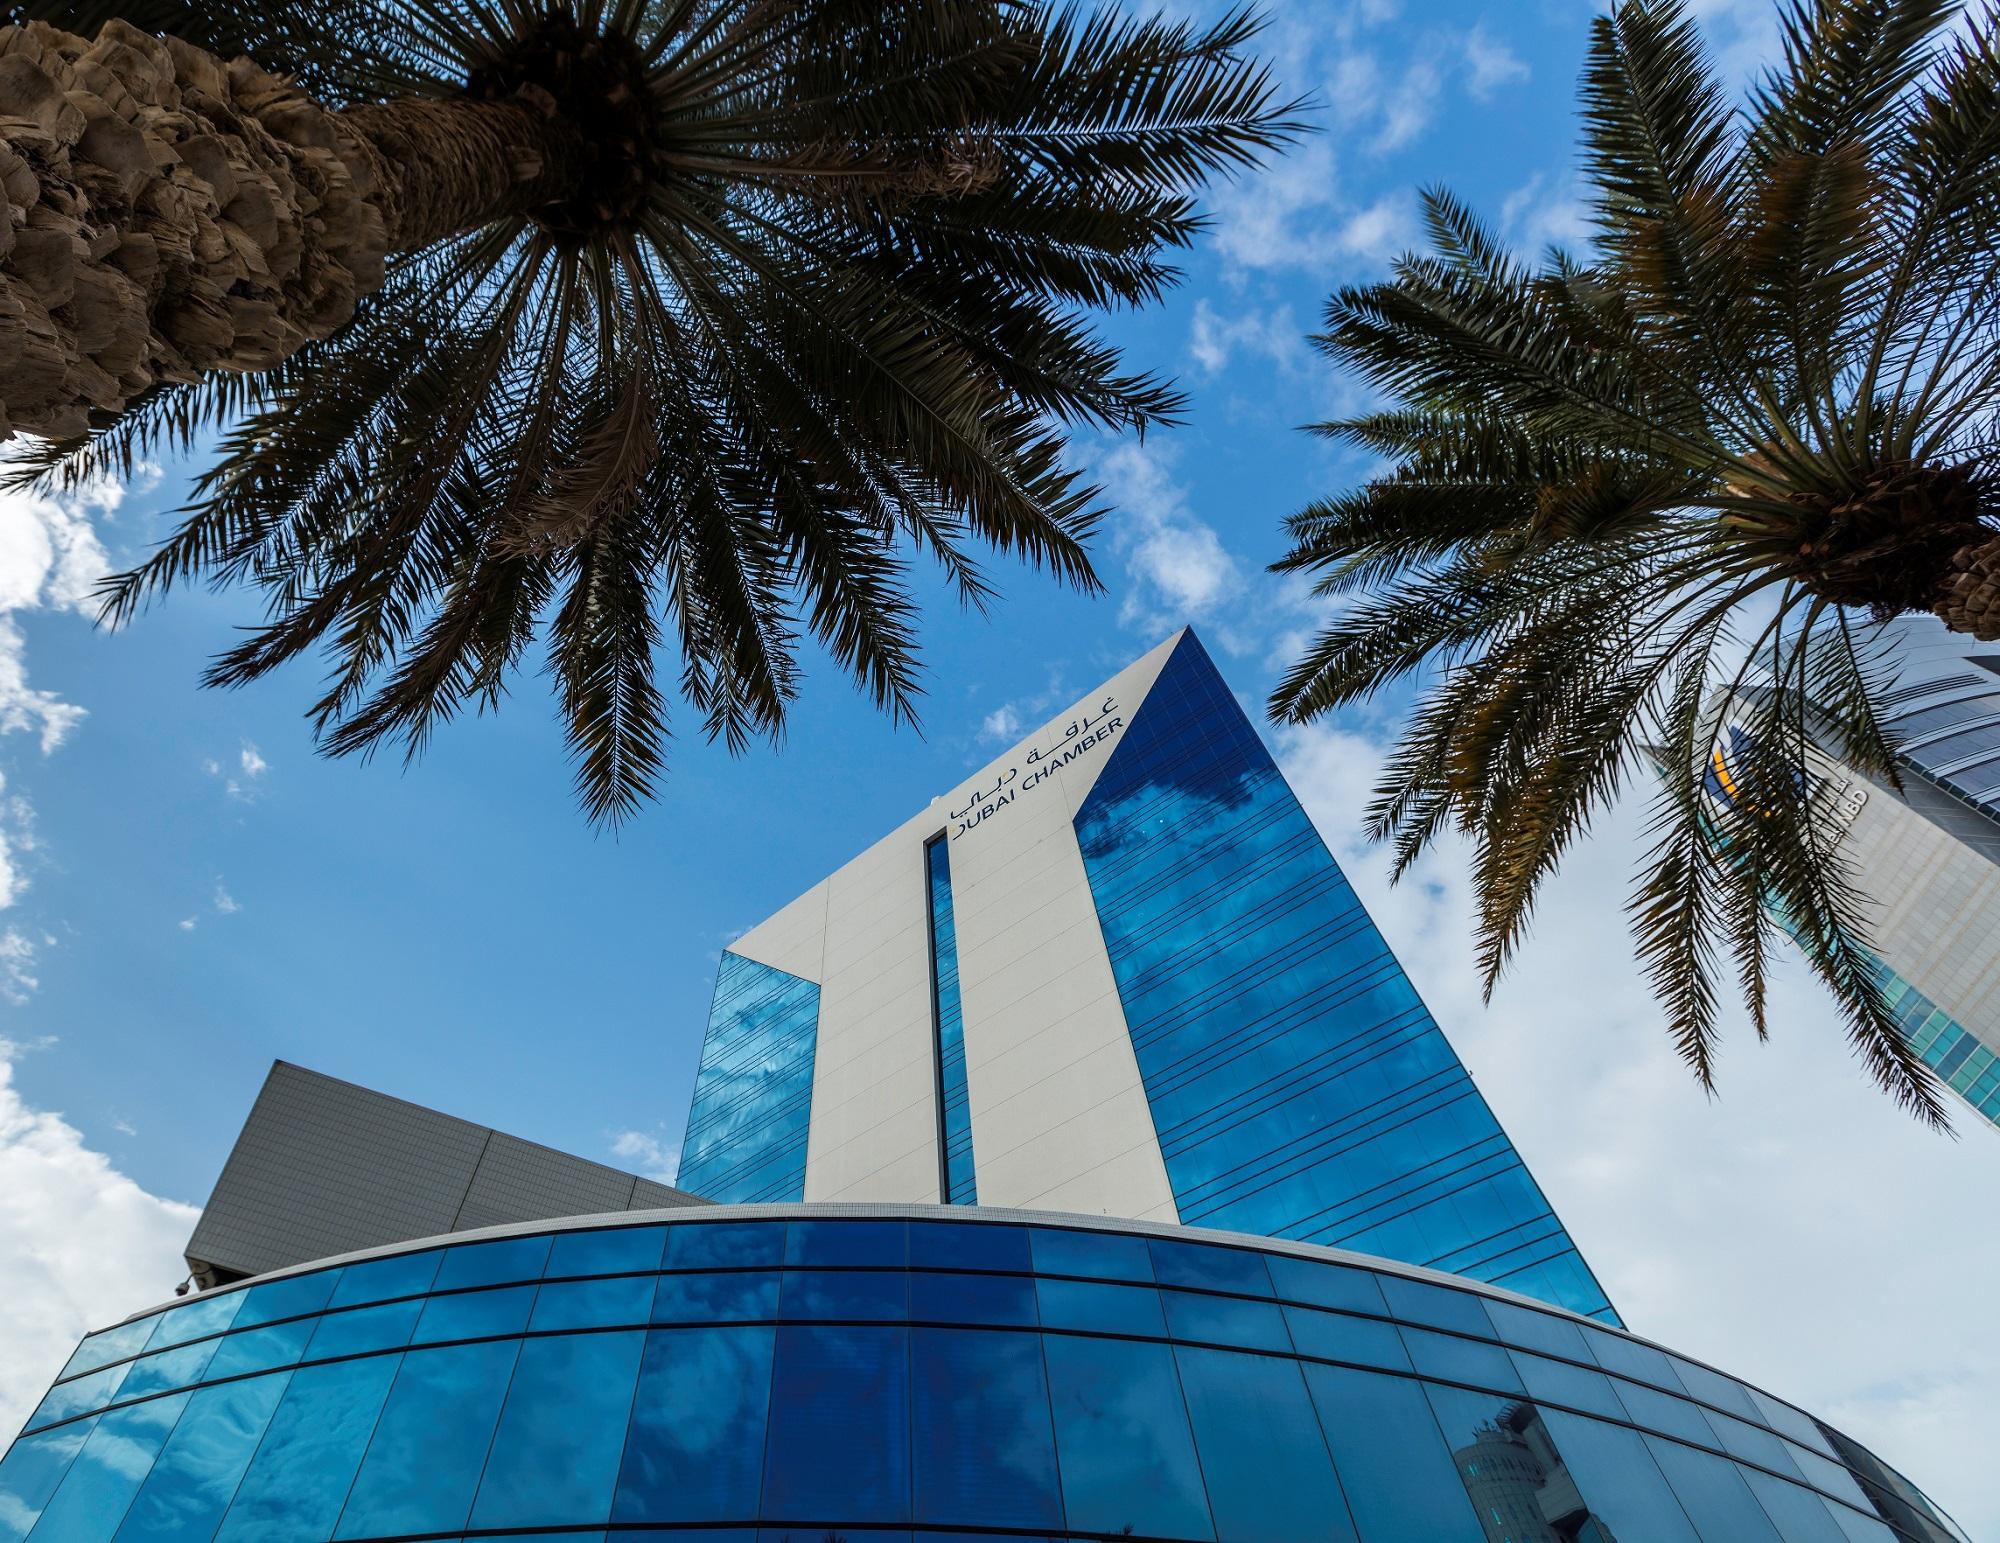 غرفة دبي: نمو الصادرات وإعادة الصادرات لأسواق شرق وجنوب شرق آسيا